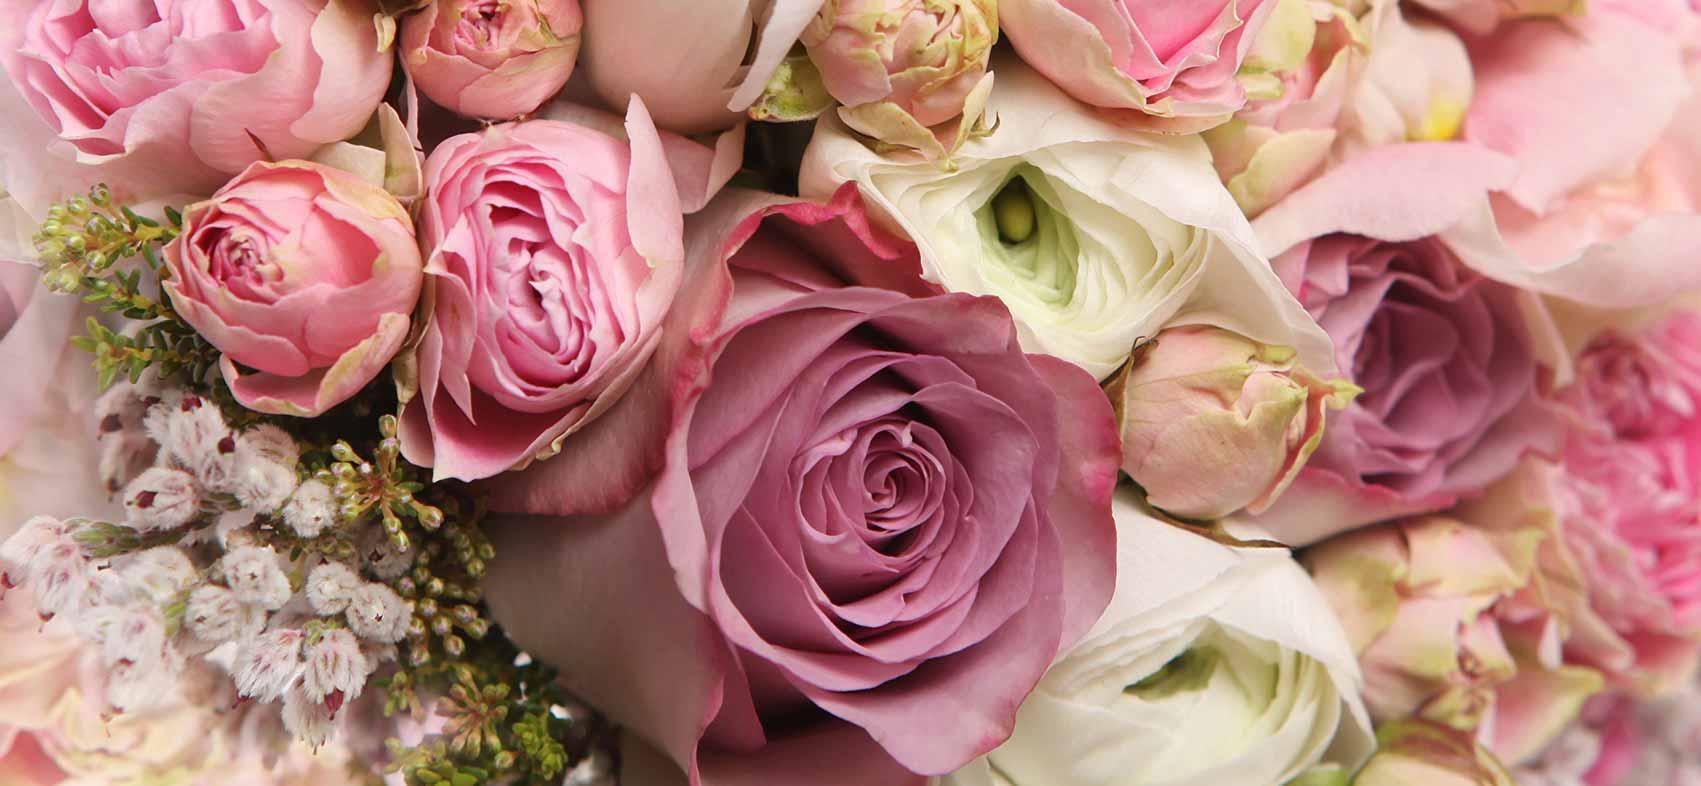 pink roses bouquet dozens